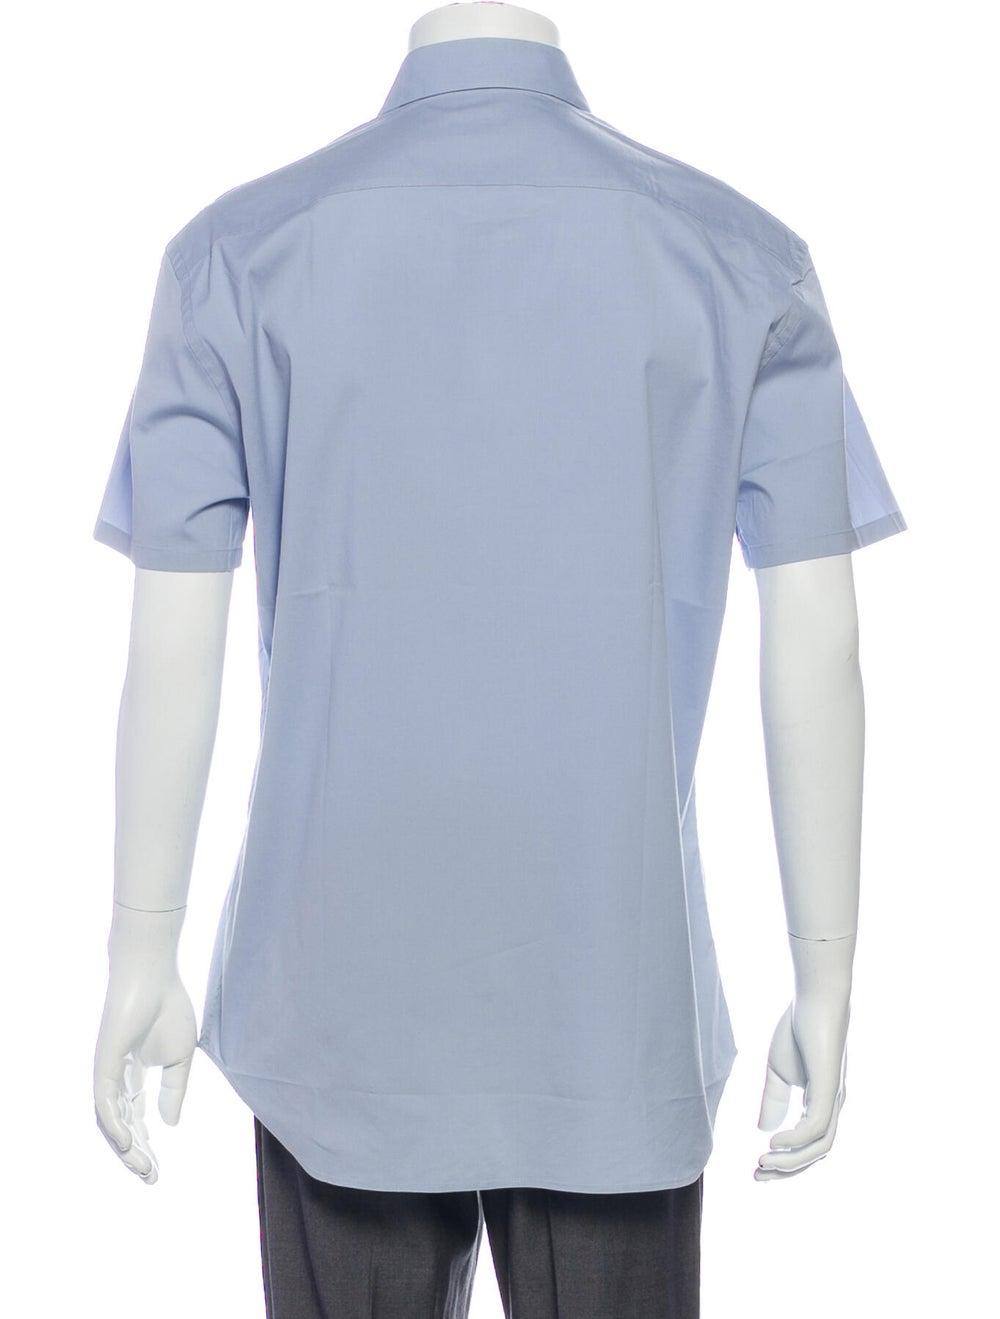 Prada Short Sleeve Shirt Blue - image 3